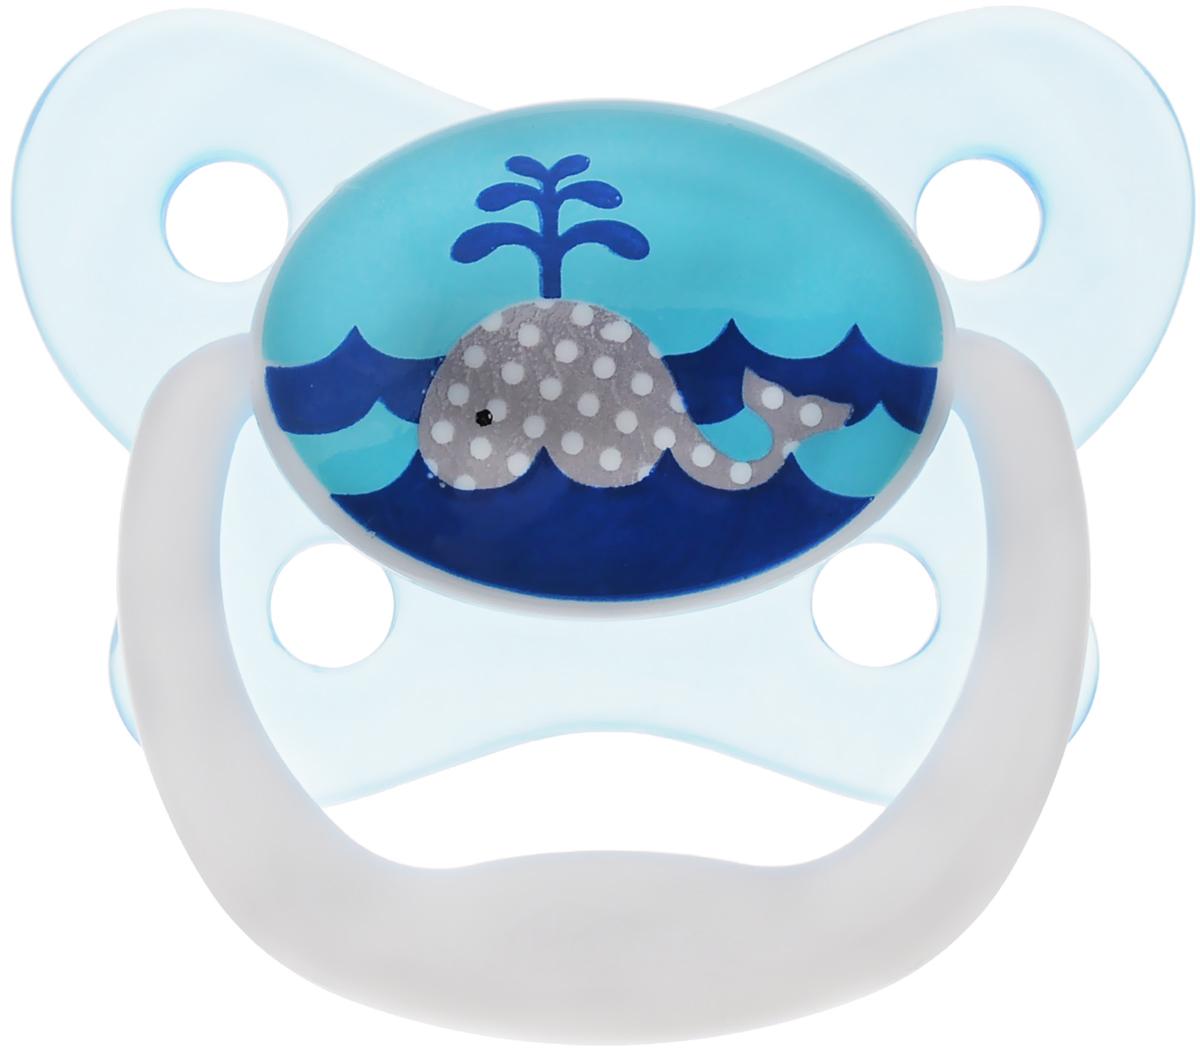 Dr.Browns Пустышка PreVent Бабочка Кит от 0 до 6 месяцевPV11404_голубой,китПустышка Dr.Browns PreVent Бабочка. Кит предназначена для новорожденных малышей от 0 до 6 месяцев. Пустышка удовлетворяет естественный сосательный рефлекс и тренирует мышцы губ, языка и челюсти, что играет важную роль в развитии речевых навыков и навыков приема пищи. Мягкая пустышка выполнена из прозрачного гигиеничного силикона, не имеющего вкуса и запаха. Имеет воздушный канал, который впускает воздух, благодаря чему пустышка остается мягкой и гибкой, что минимизирует риск неправильного расположения зубов. Снабжена вентиляционной системой. Пустышка с защелкивающимся колпачком. Не содержит Бисфенол-А.